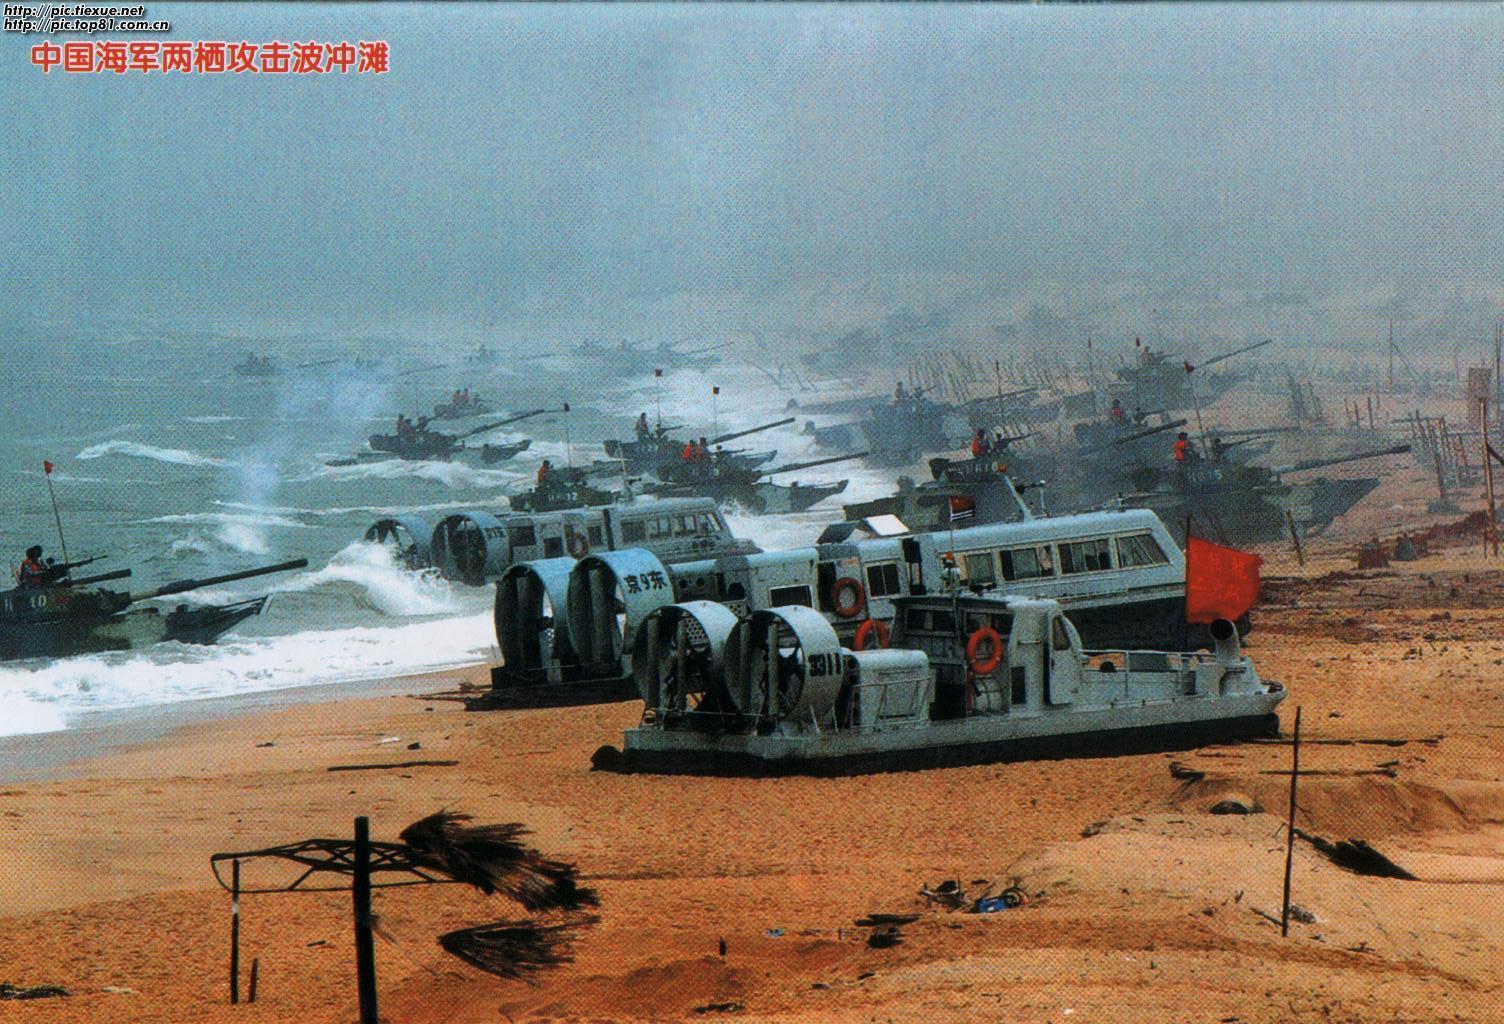 китайцы могут в гости заглянуть высадка первой волны десанта.jpg